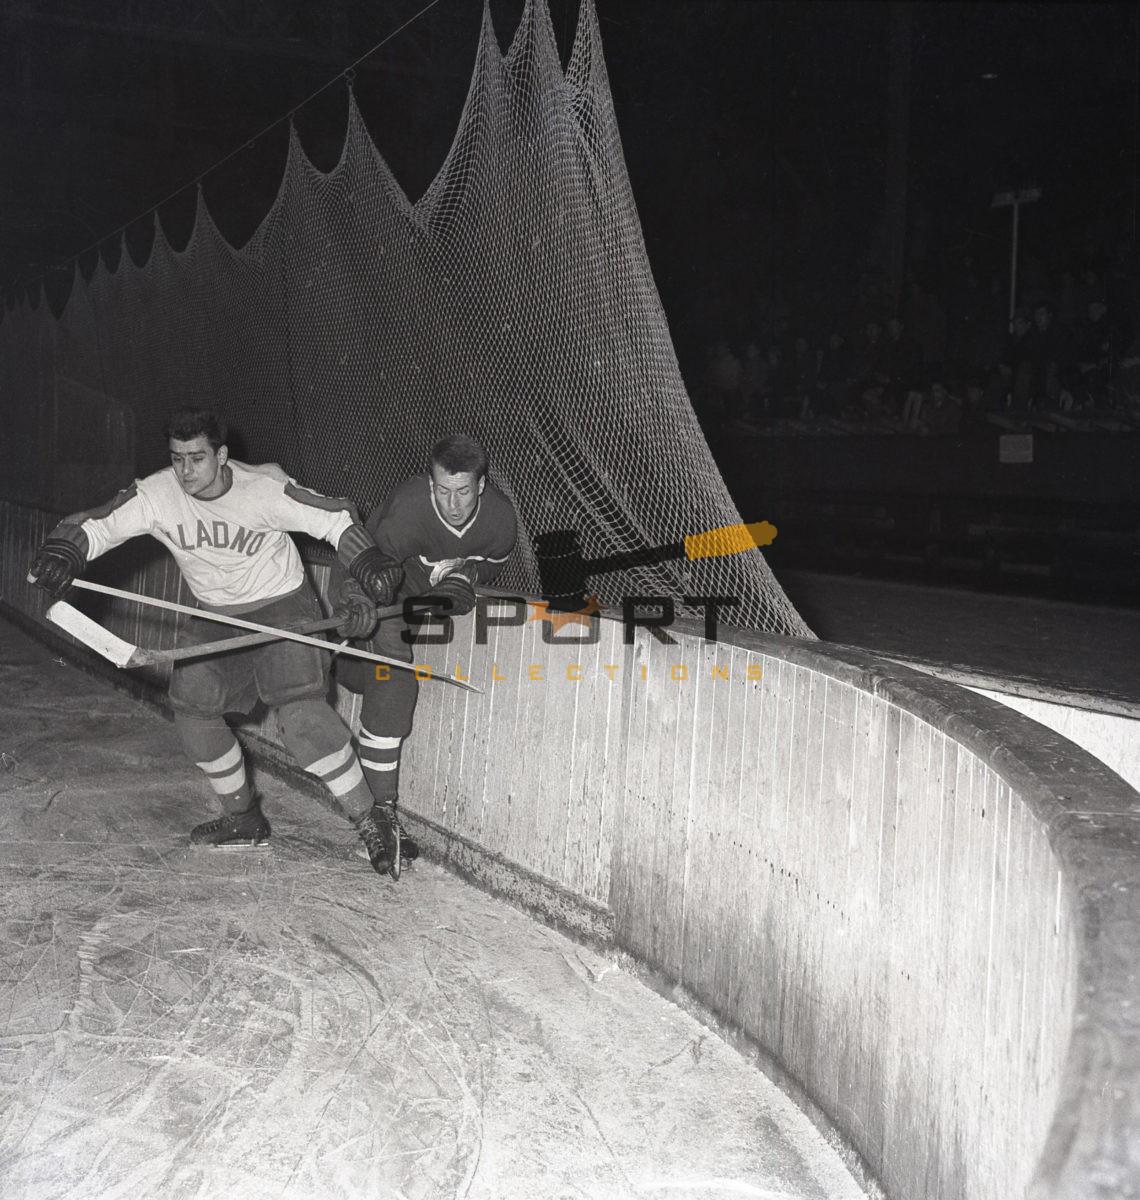 Hockey forward Bohumil Prosek